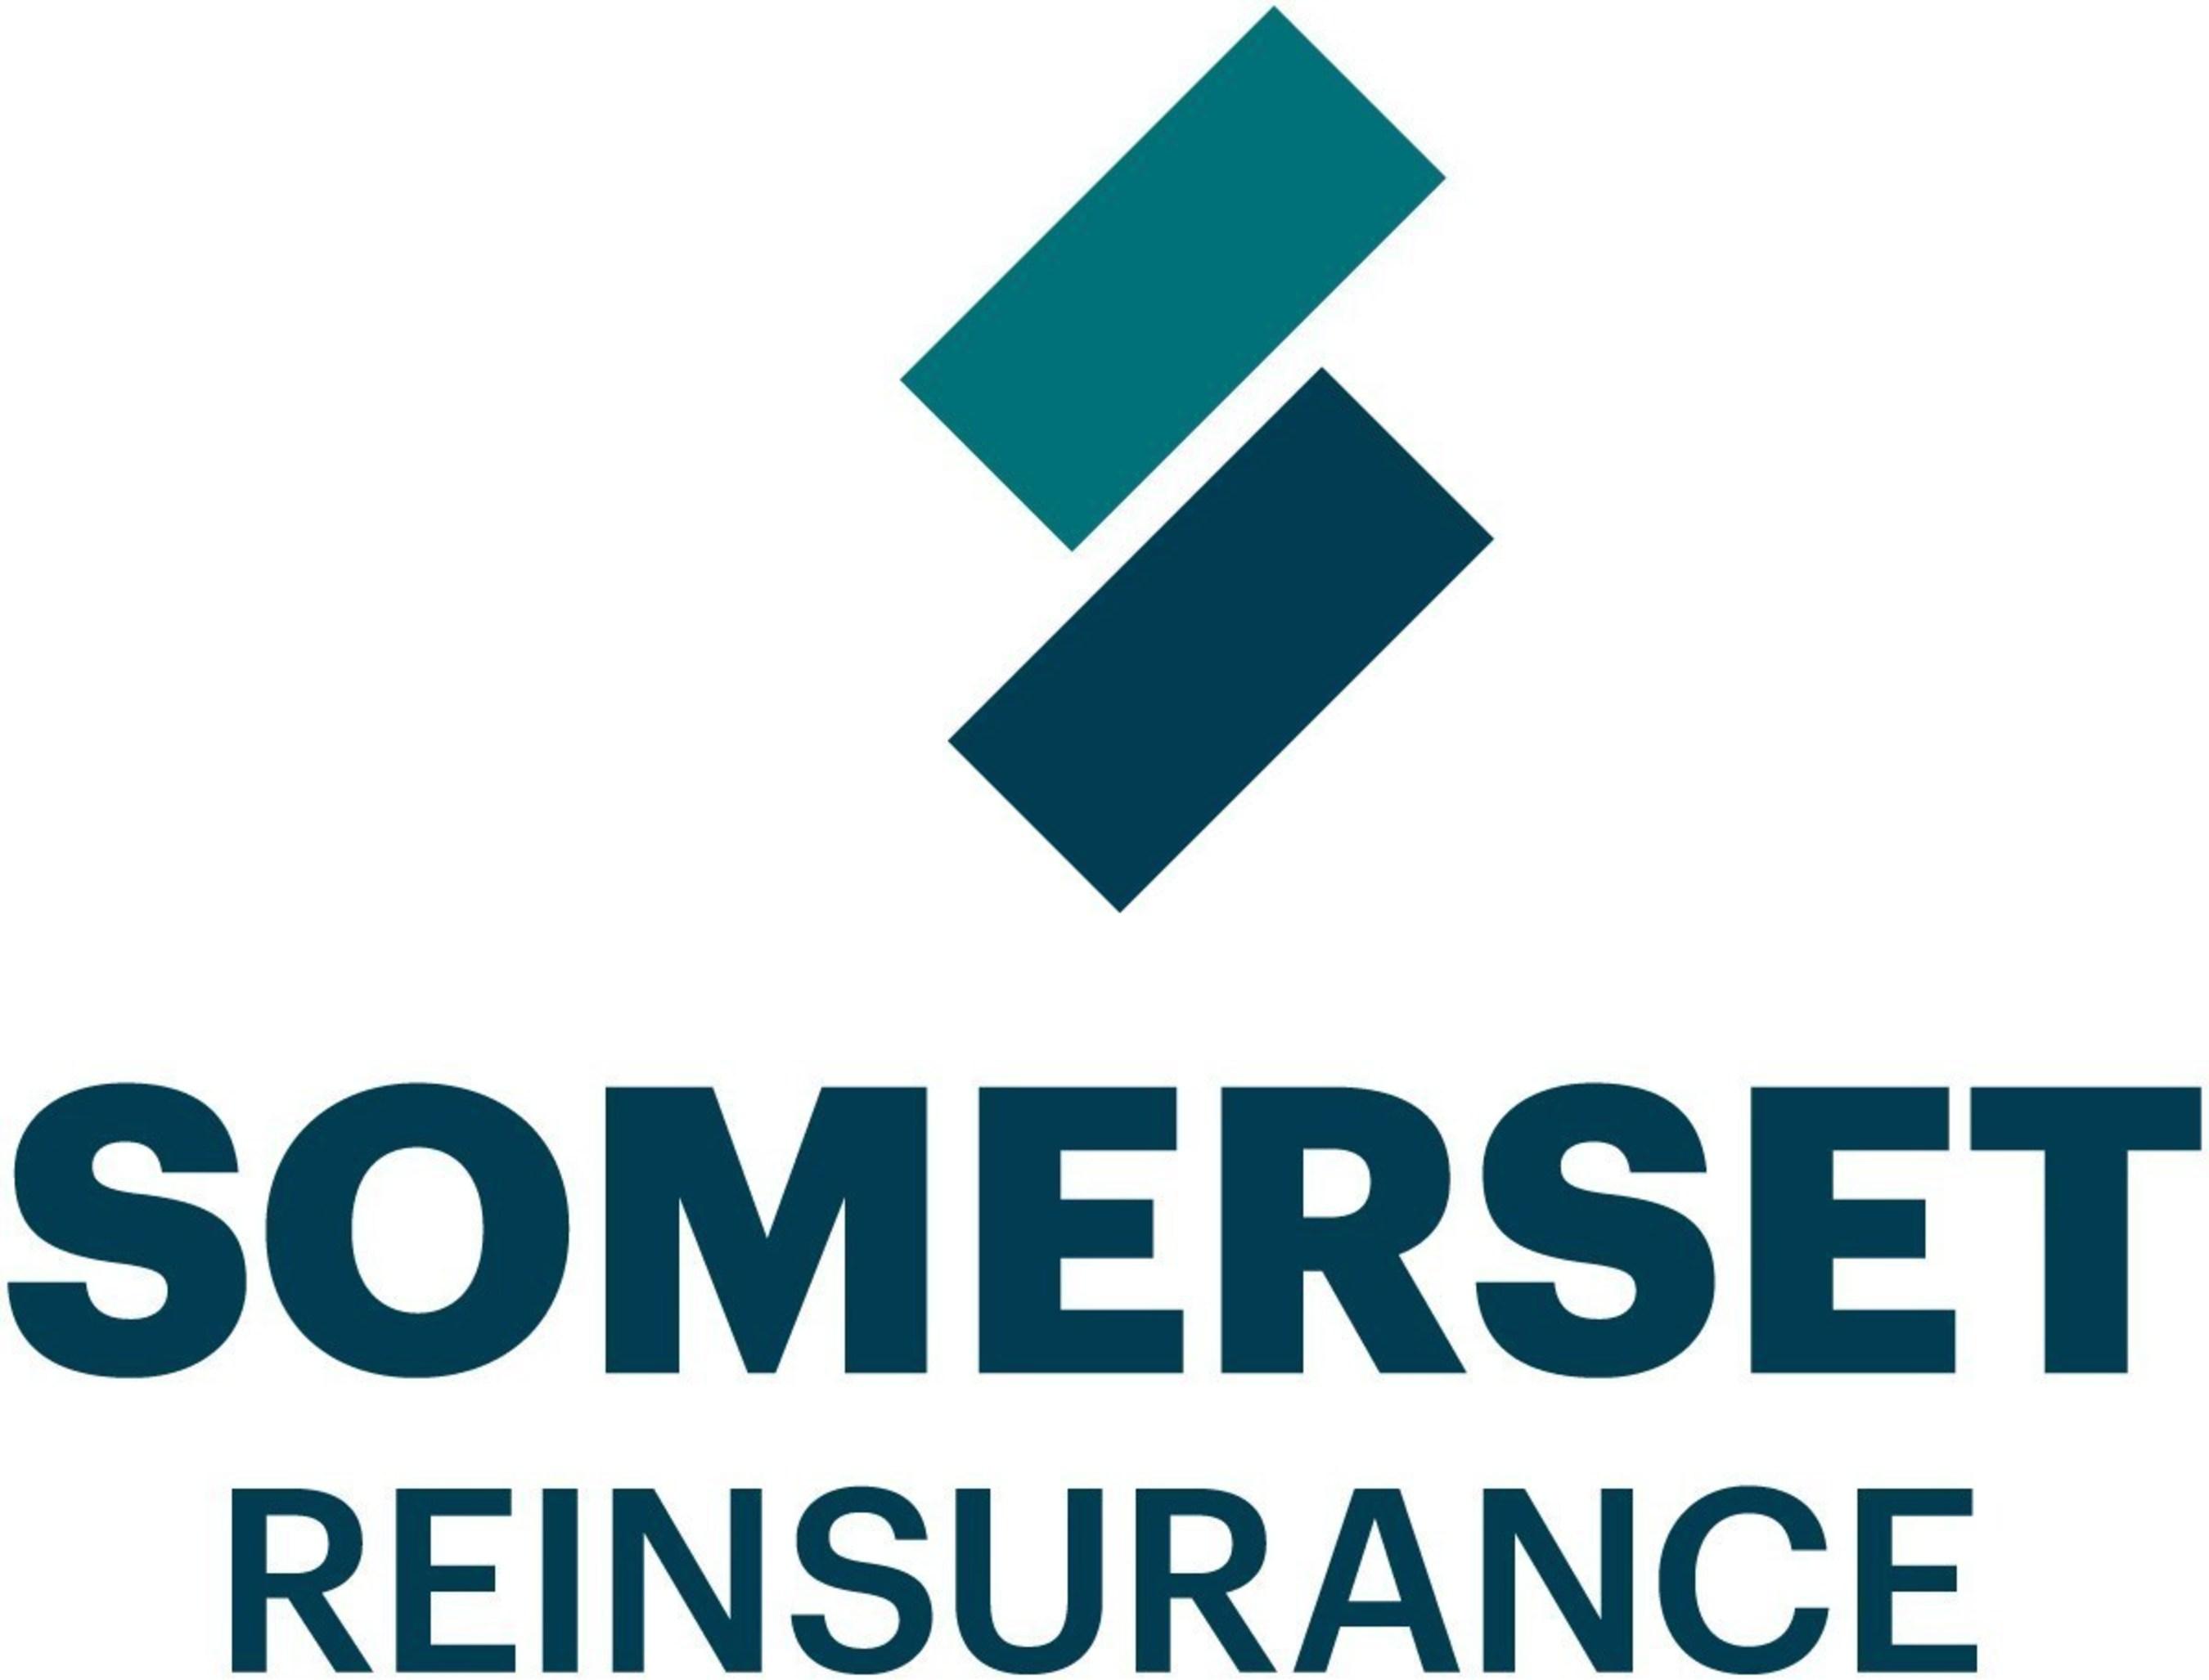 Somerset Reinsurance Ltd. logo